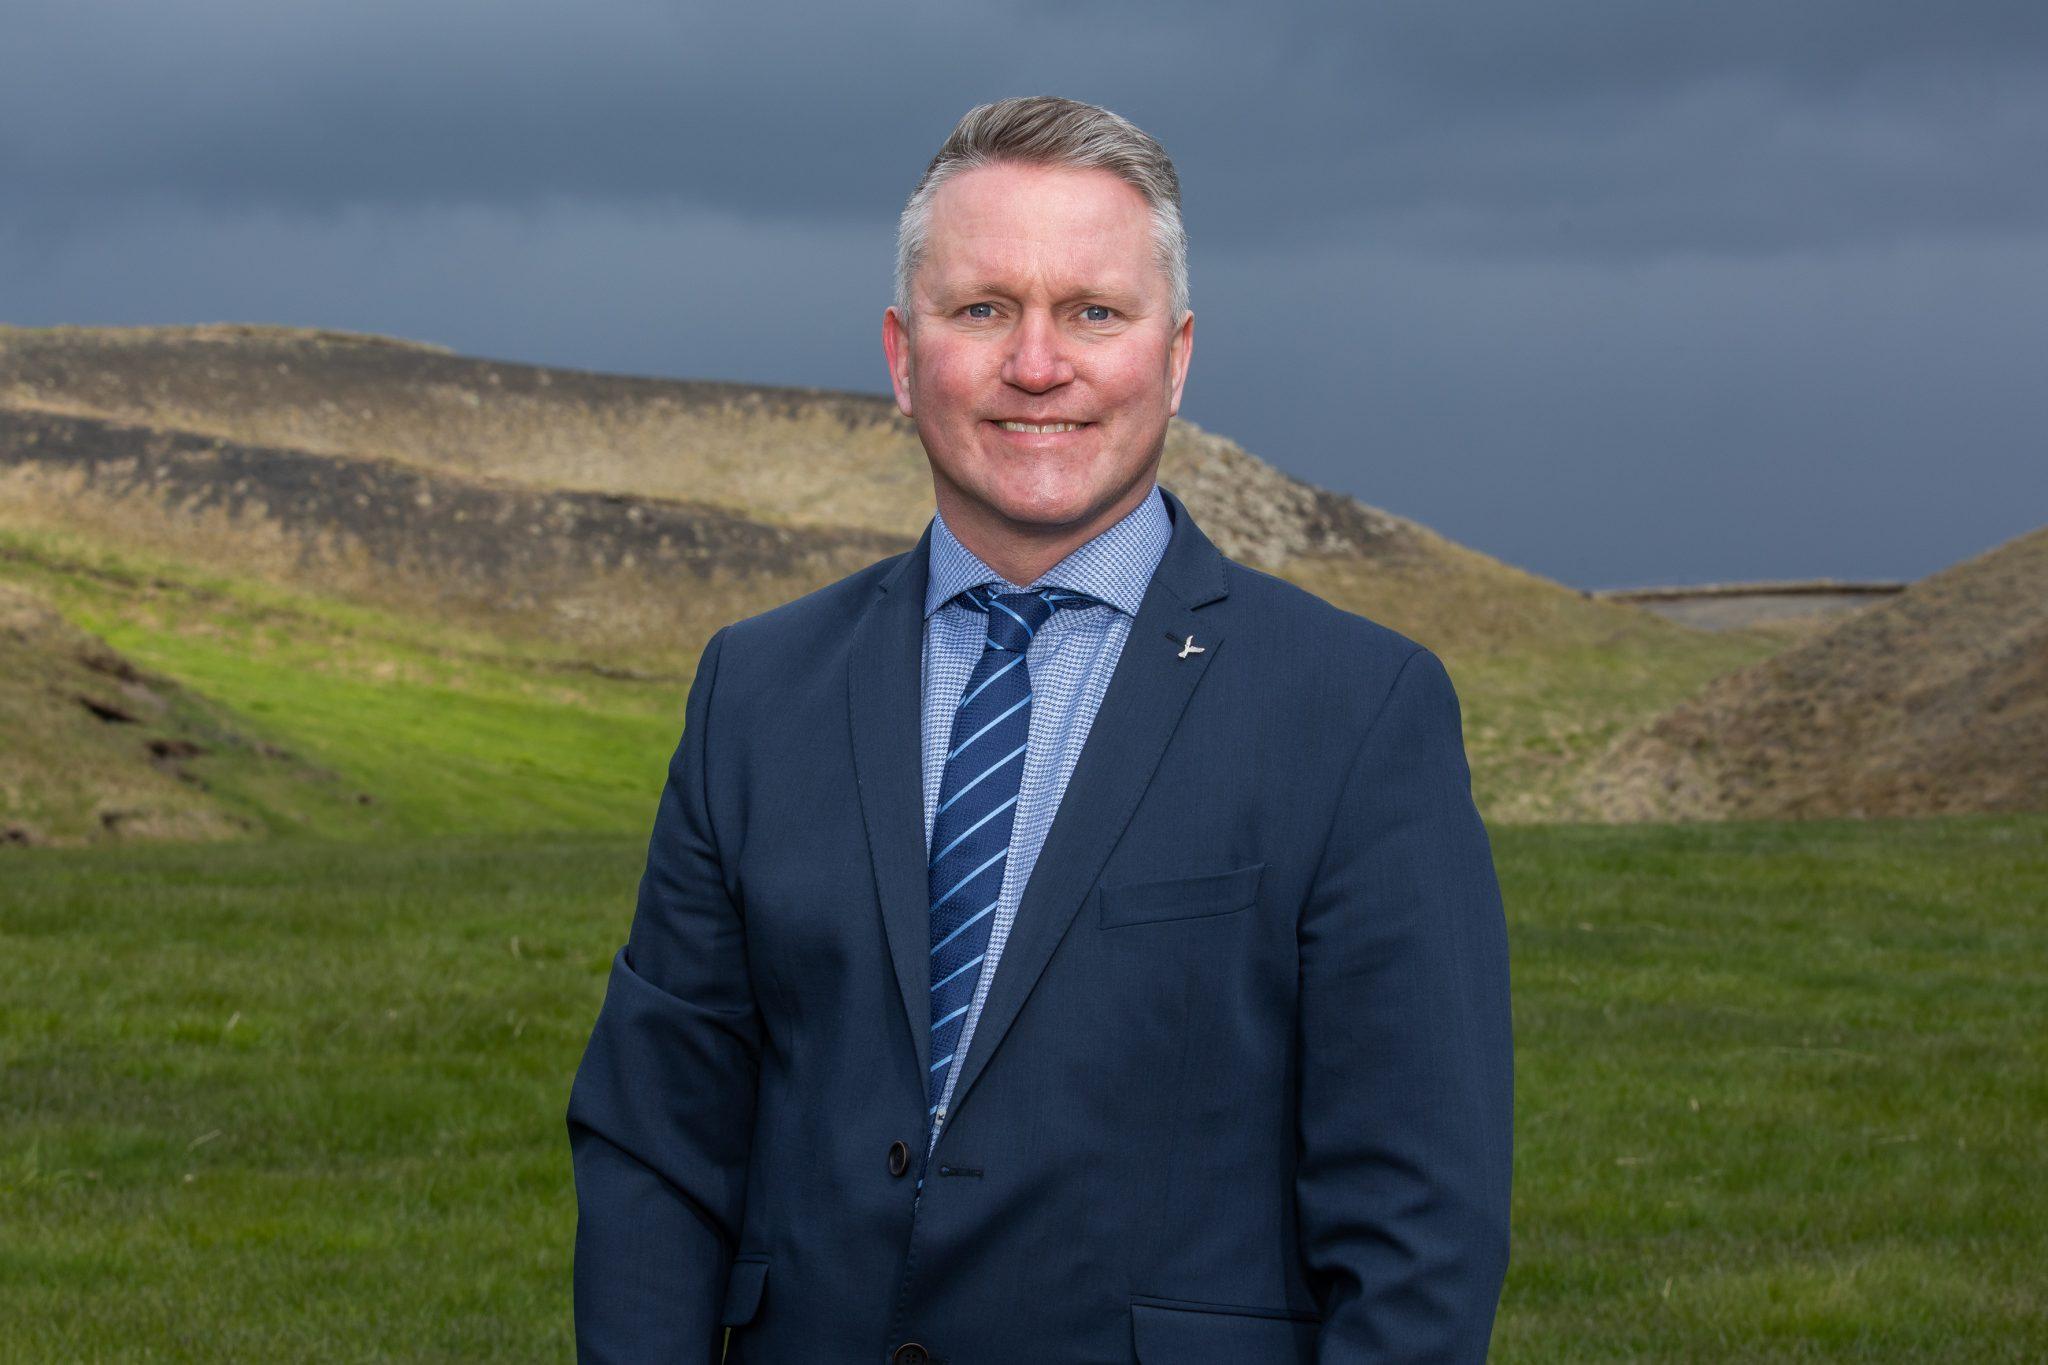 Mikilvæg uppbyggingarverkefni Sjúkrahússins á Akureyri